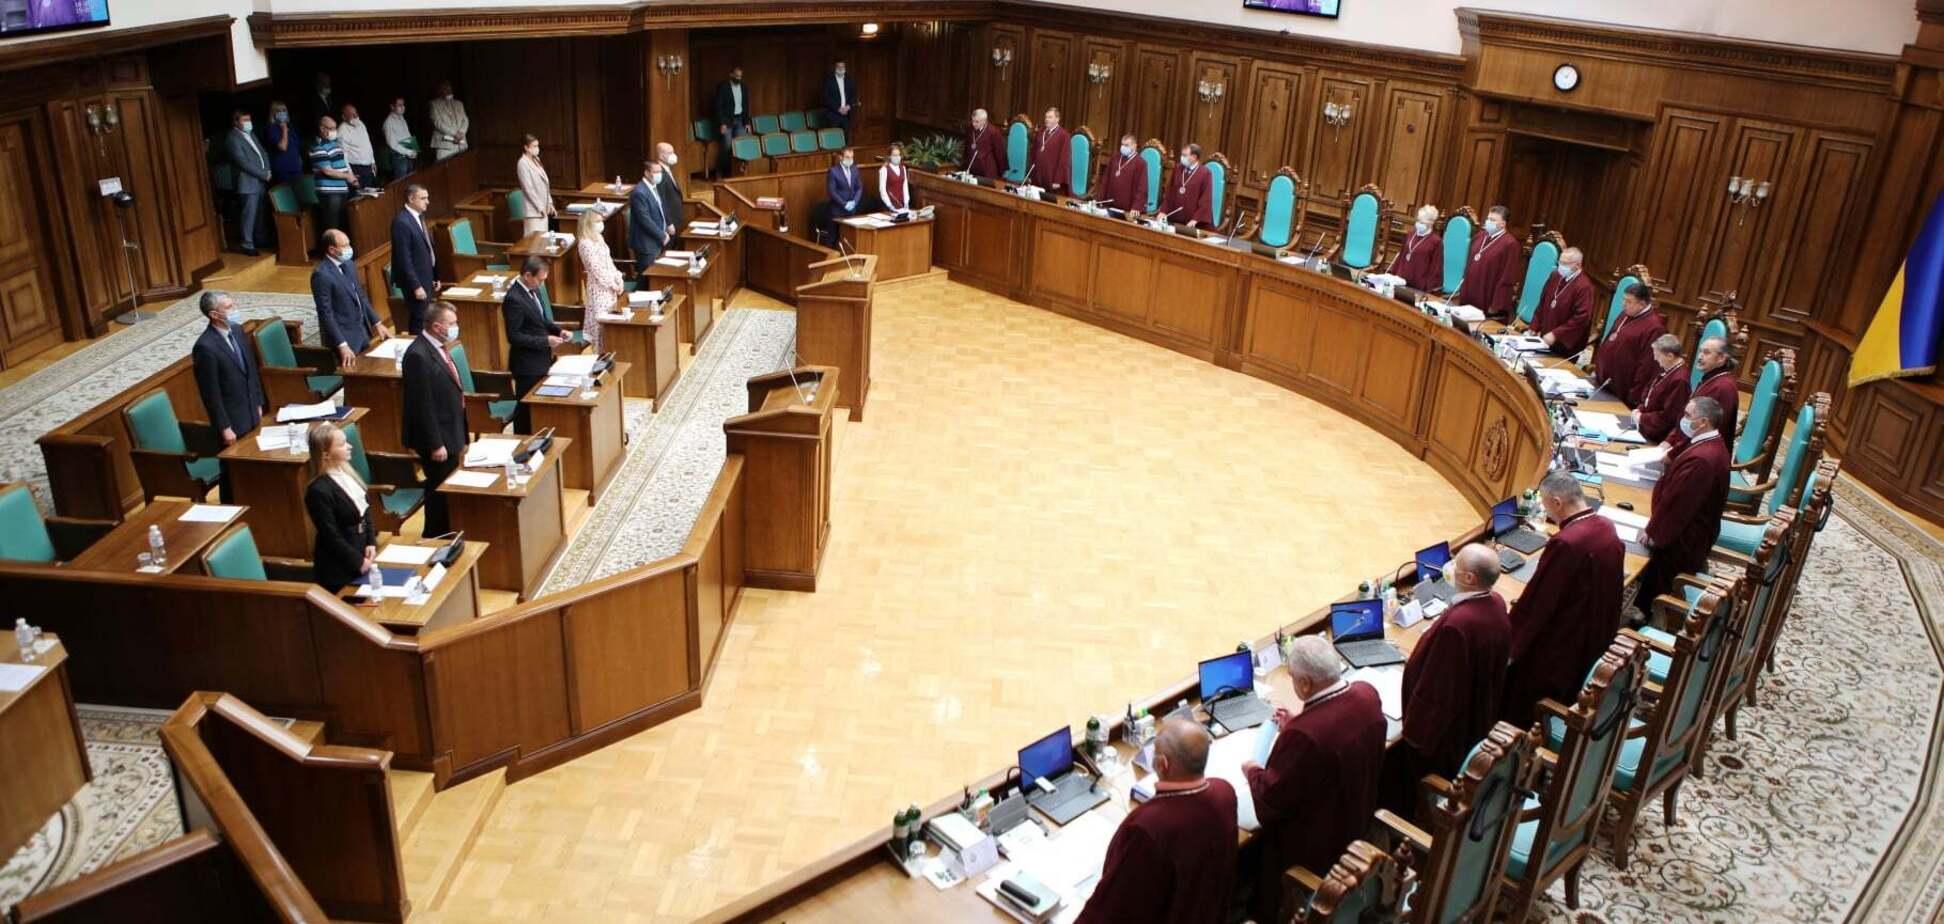 Конституцинный суд рассмотрел конституционность положений закона о НАБУ. Источник: Facebook КСУ